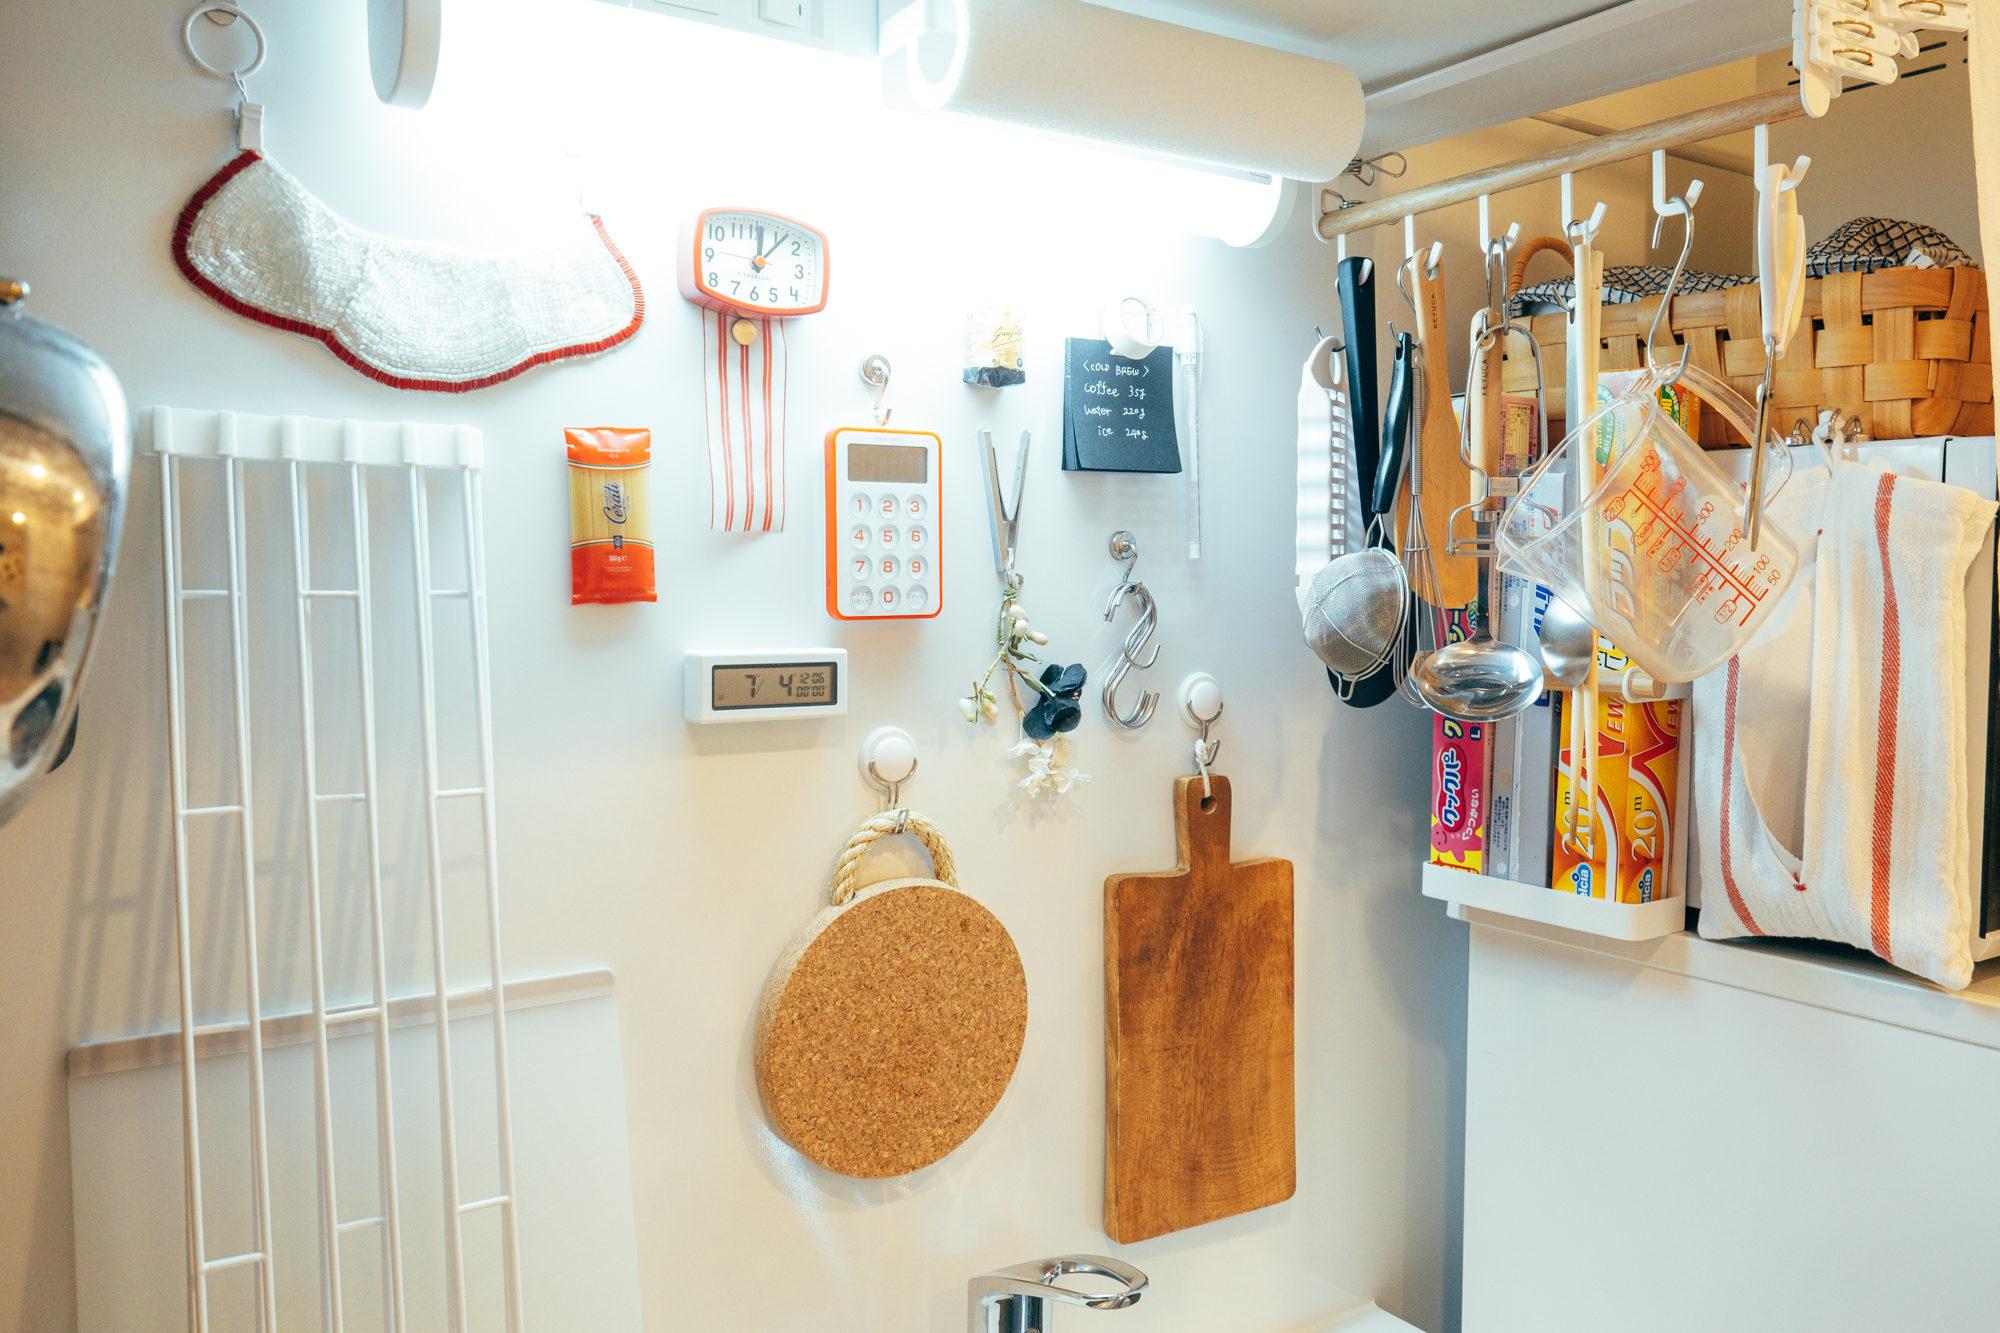 キッチンの壁は、マグネットがつけられるタイプのものもあります。小さなものはしまわず、全てフックにかけておくのもアリ(このお部屋はこちら)